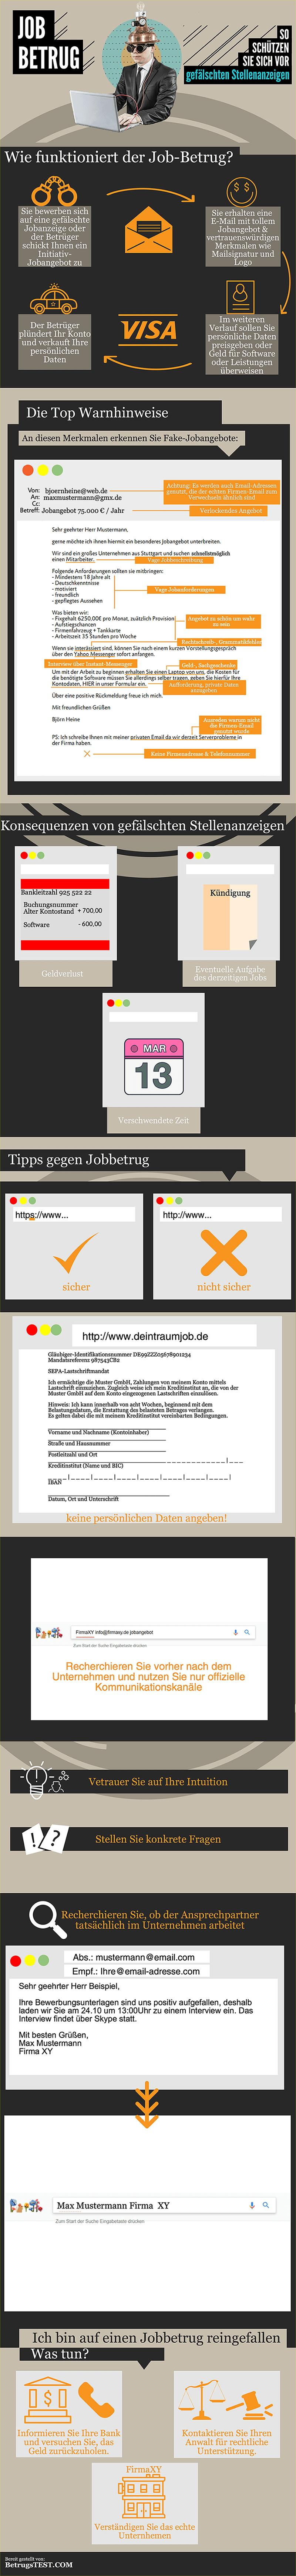 Infografik zum Internetbetrug mit gefälschten Stellenanzeigen - Quelle: betrugstest.com